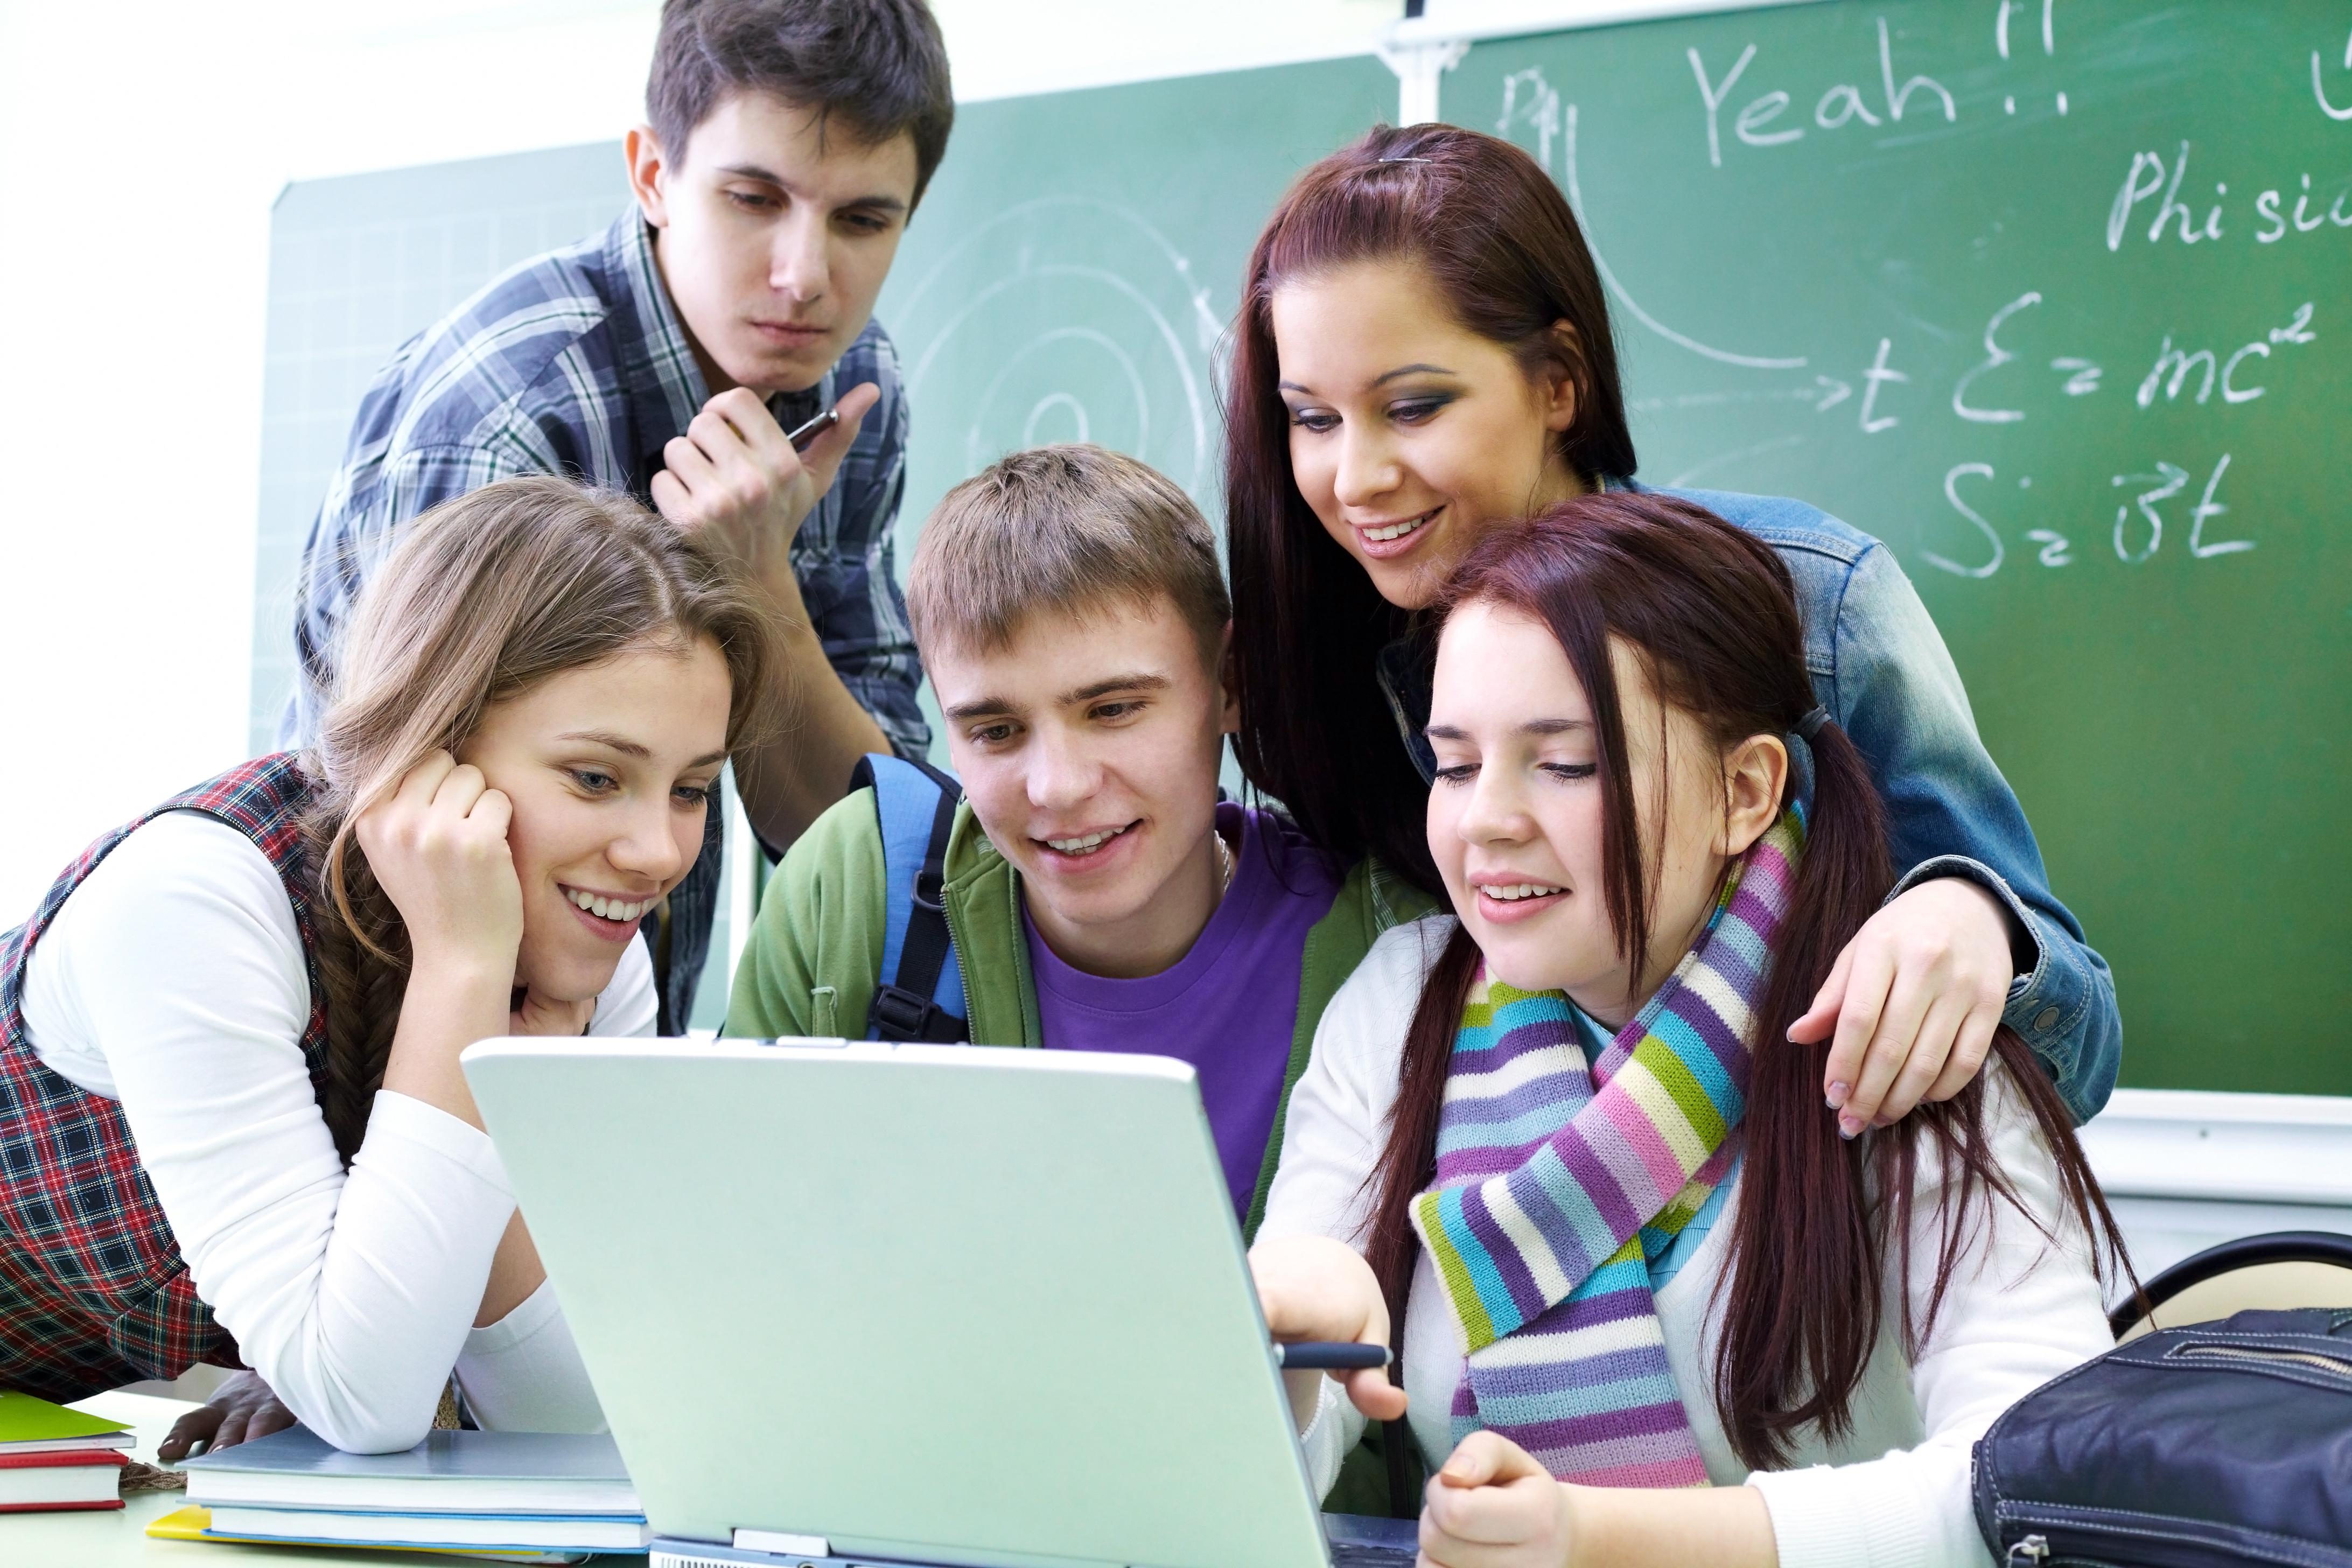 Poor kids use internet poorly